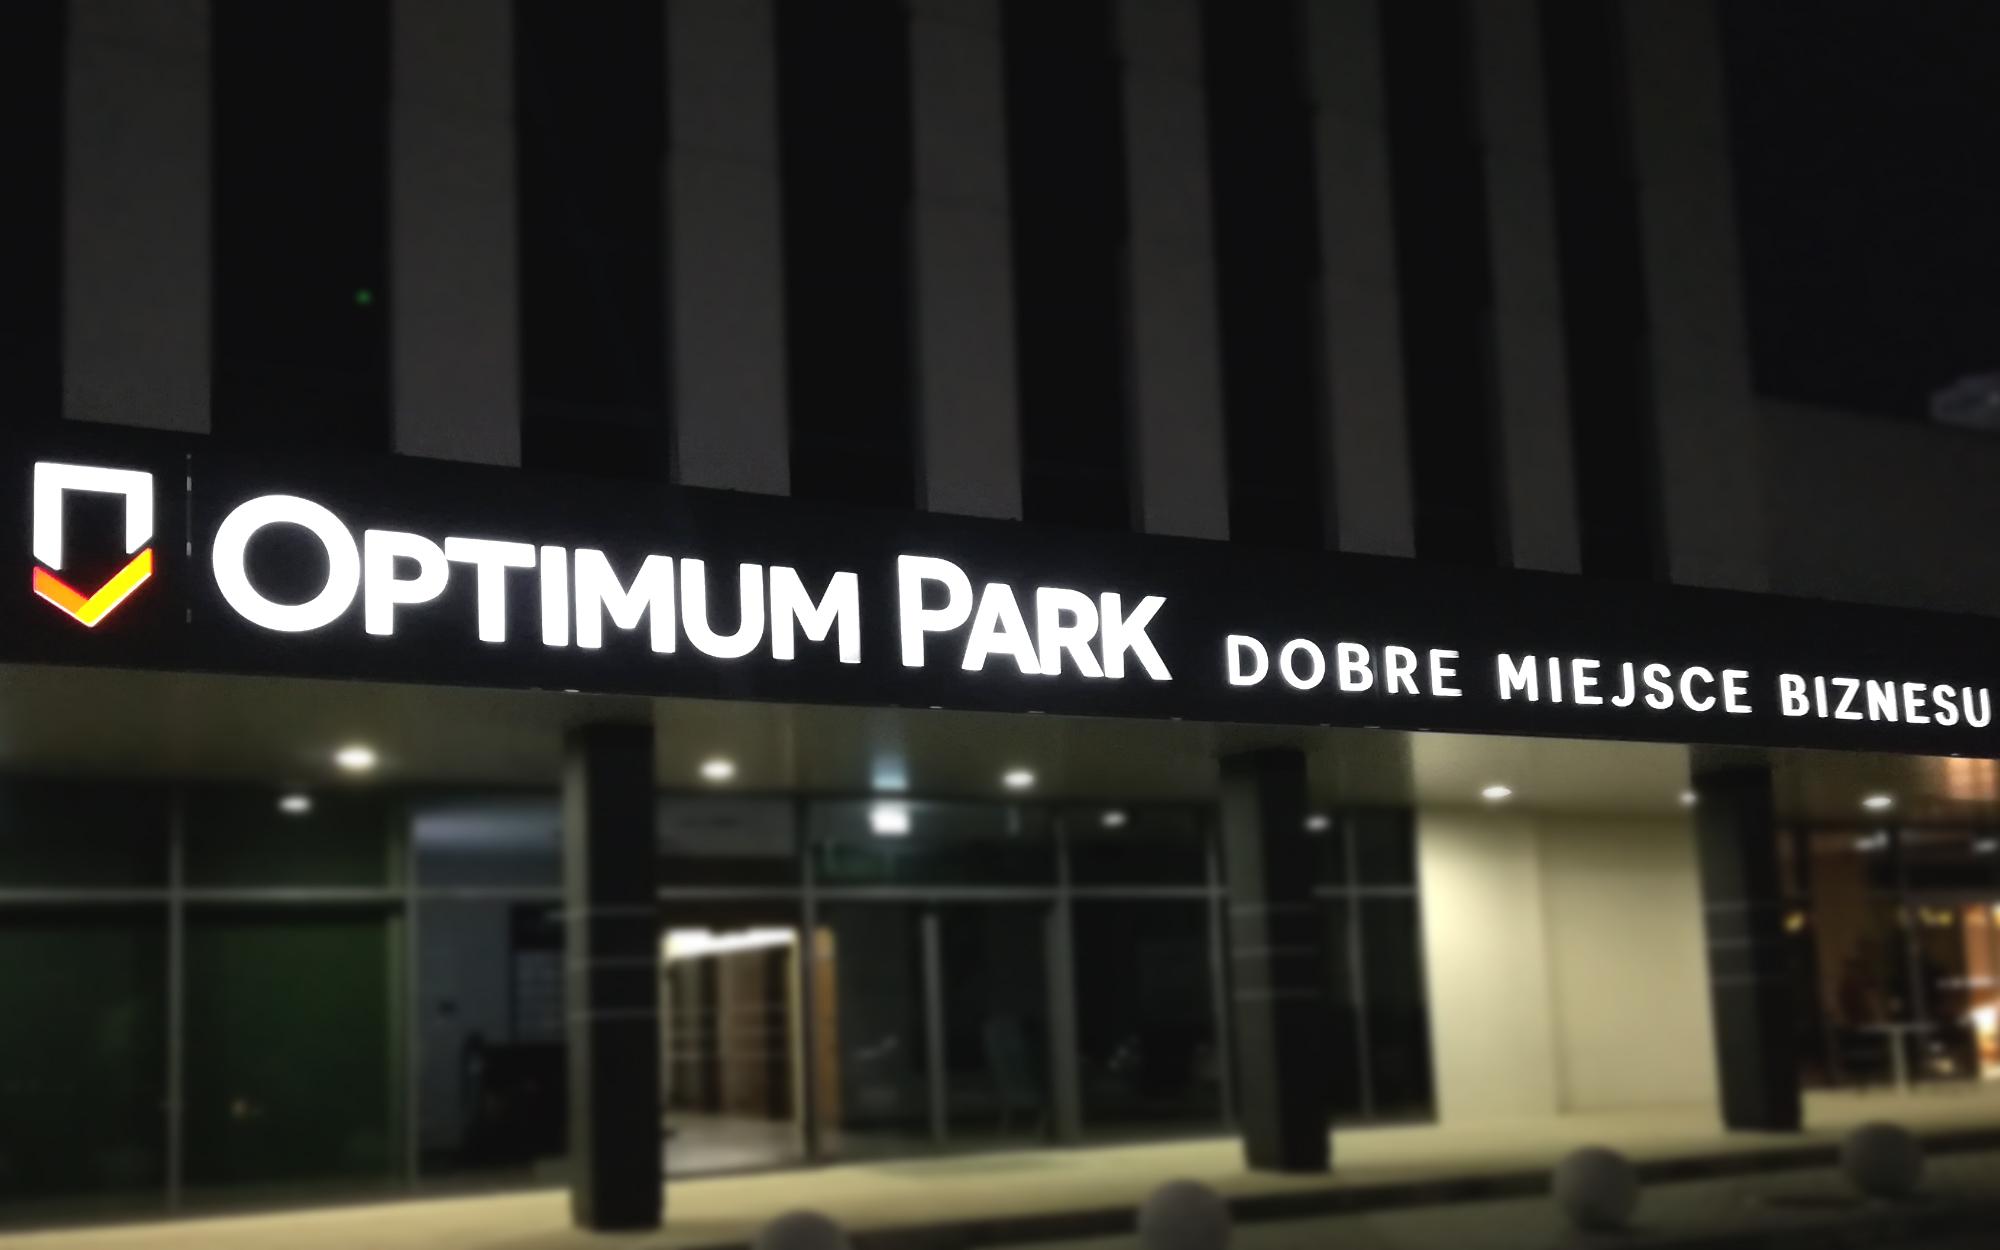 Profuturo optium park